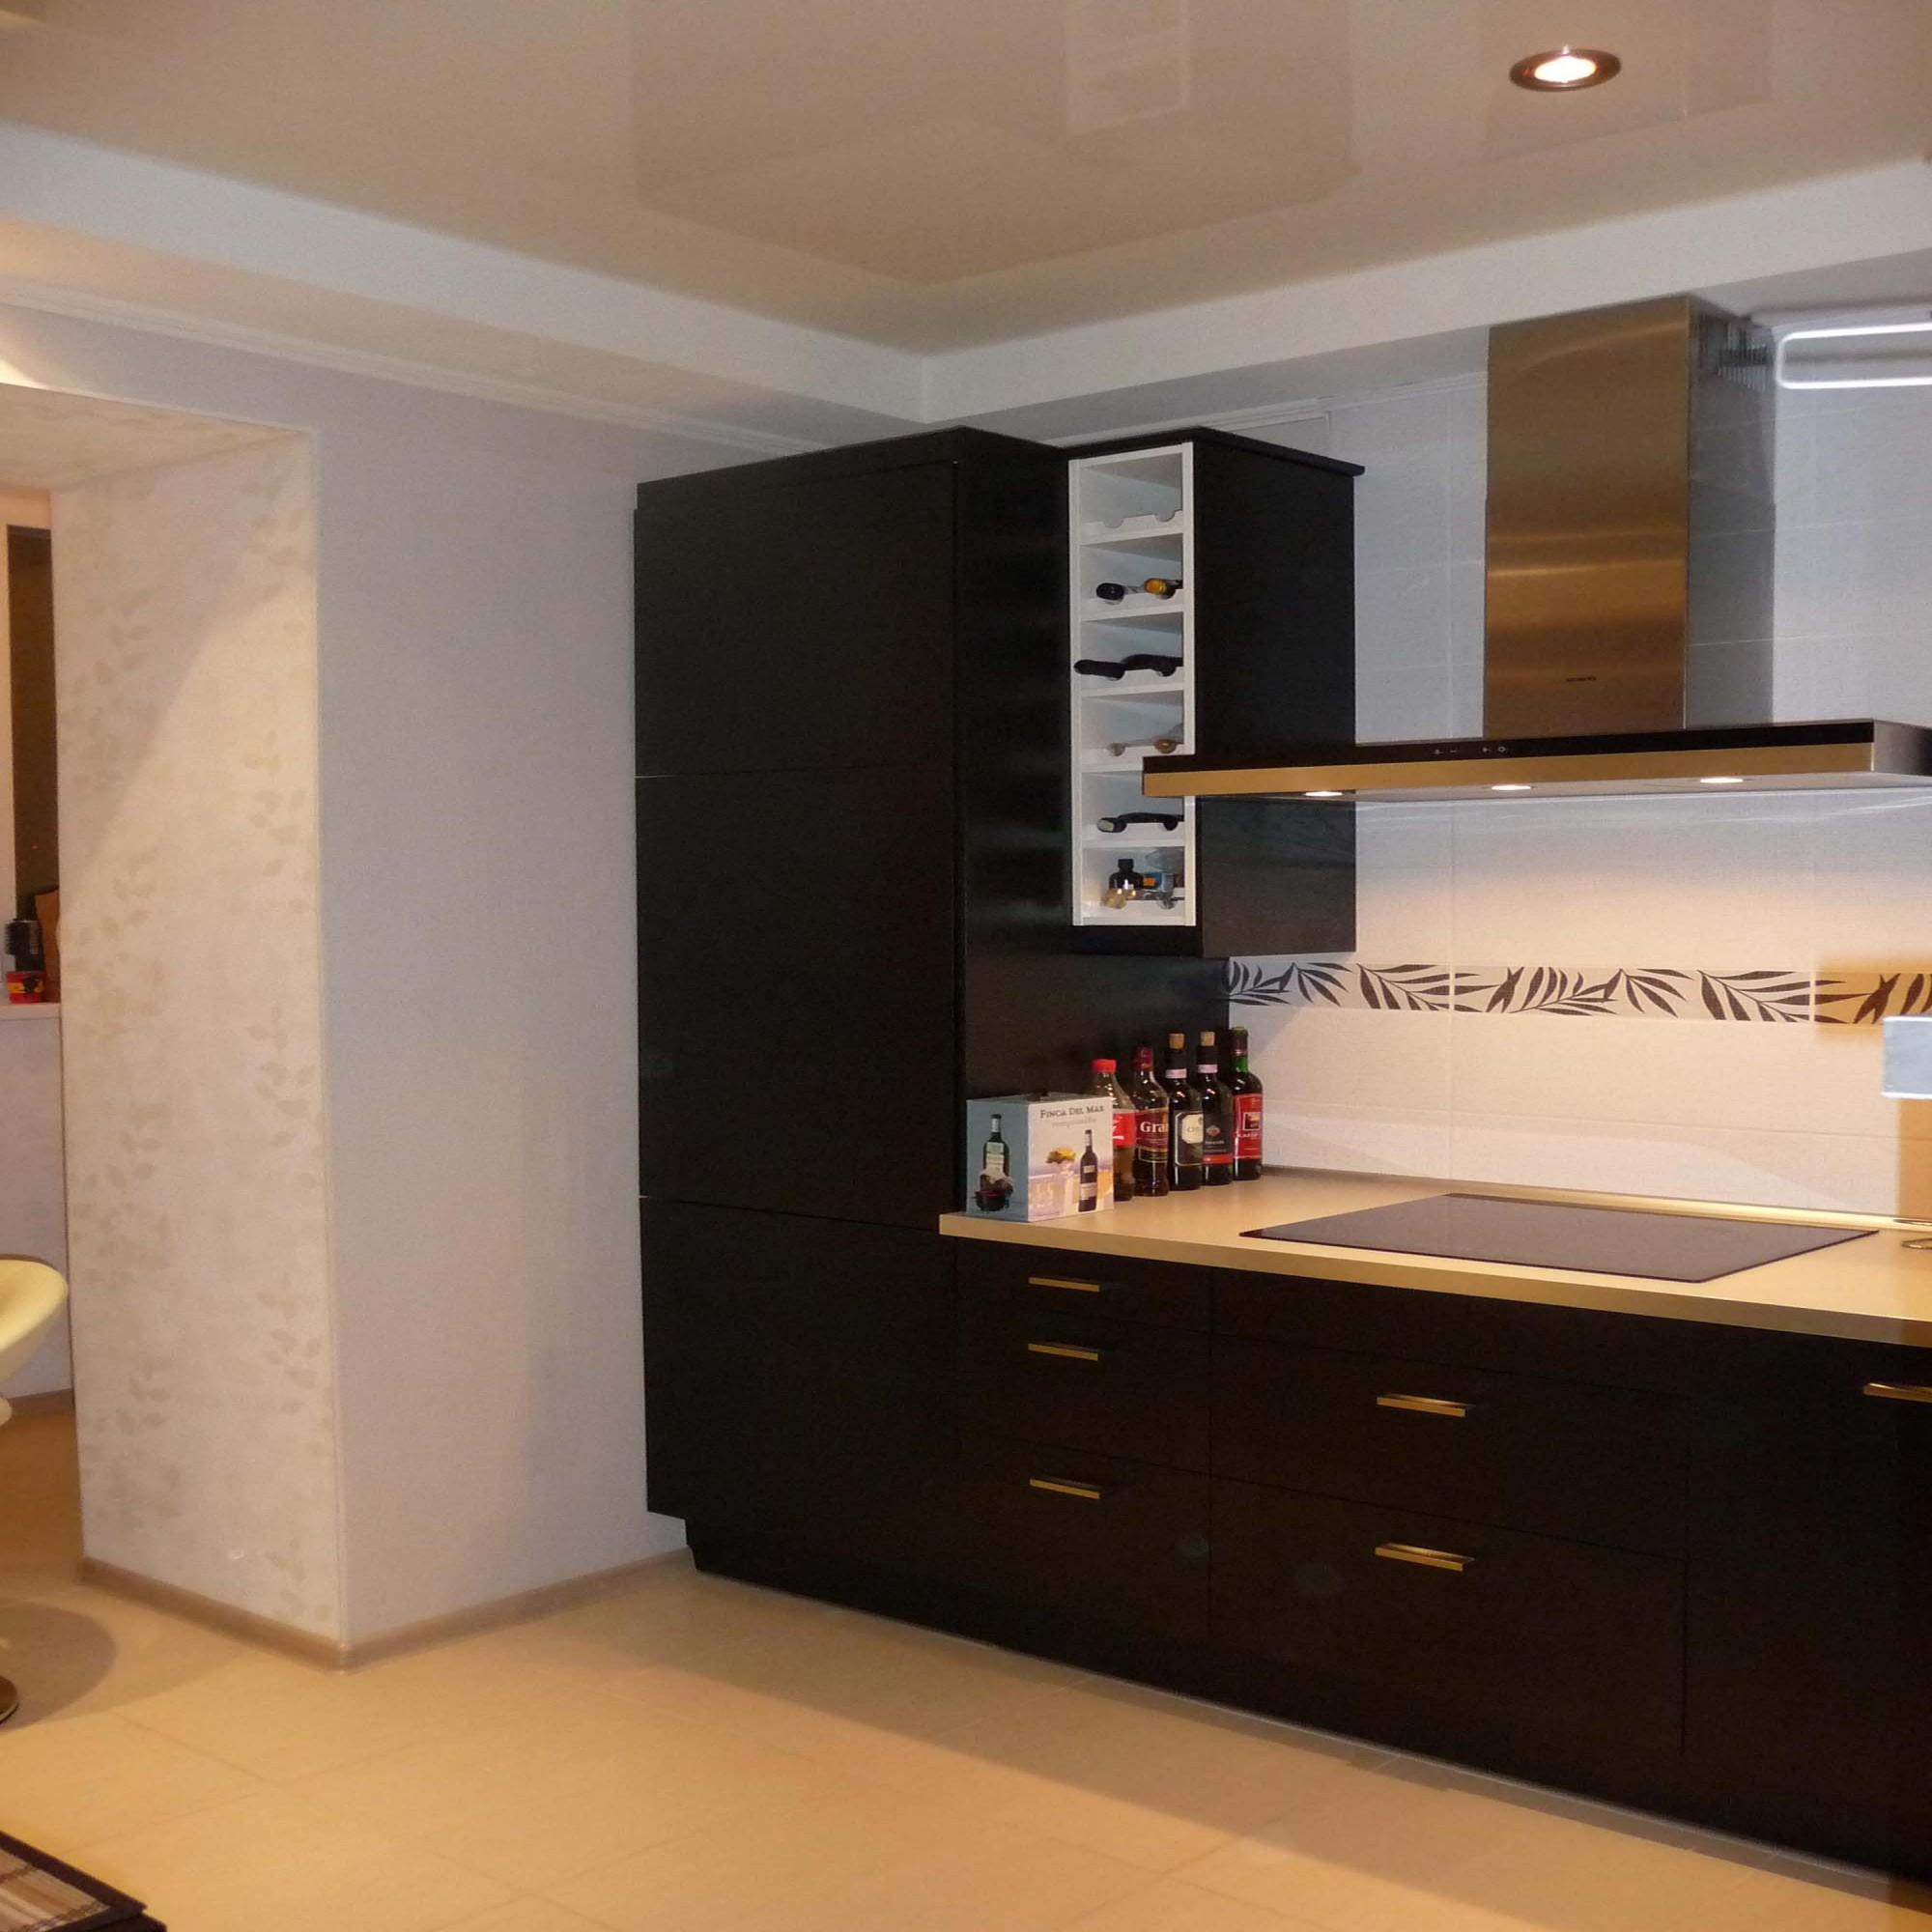 Дизайн потолка на кухне с балками